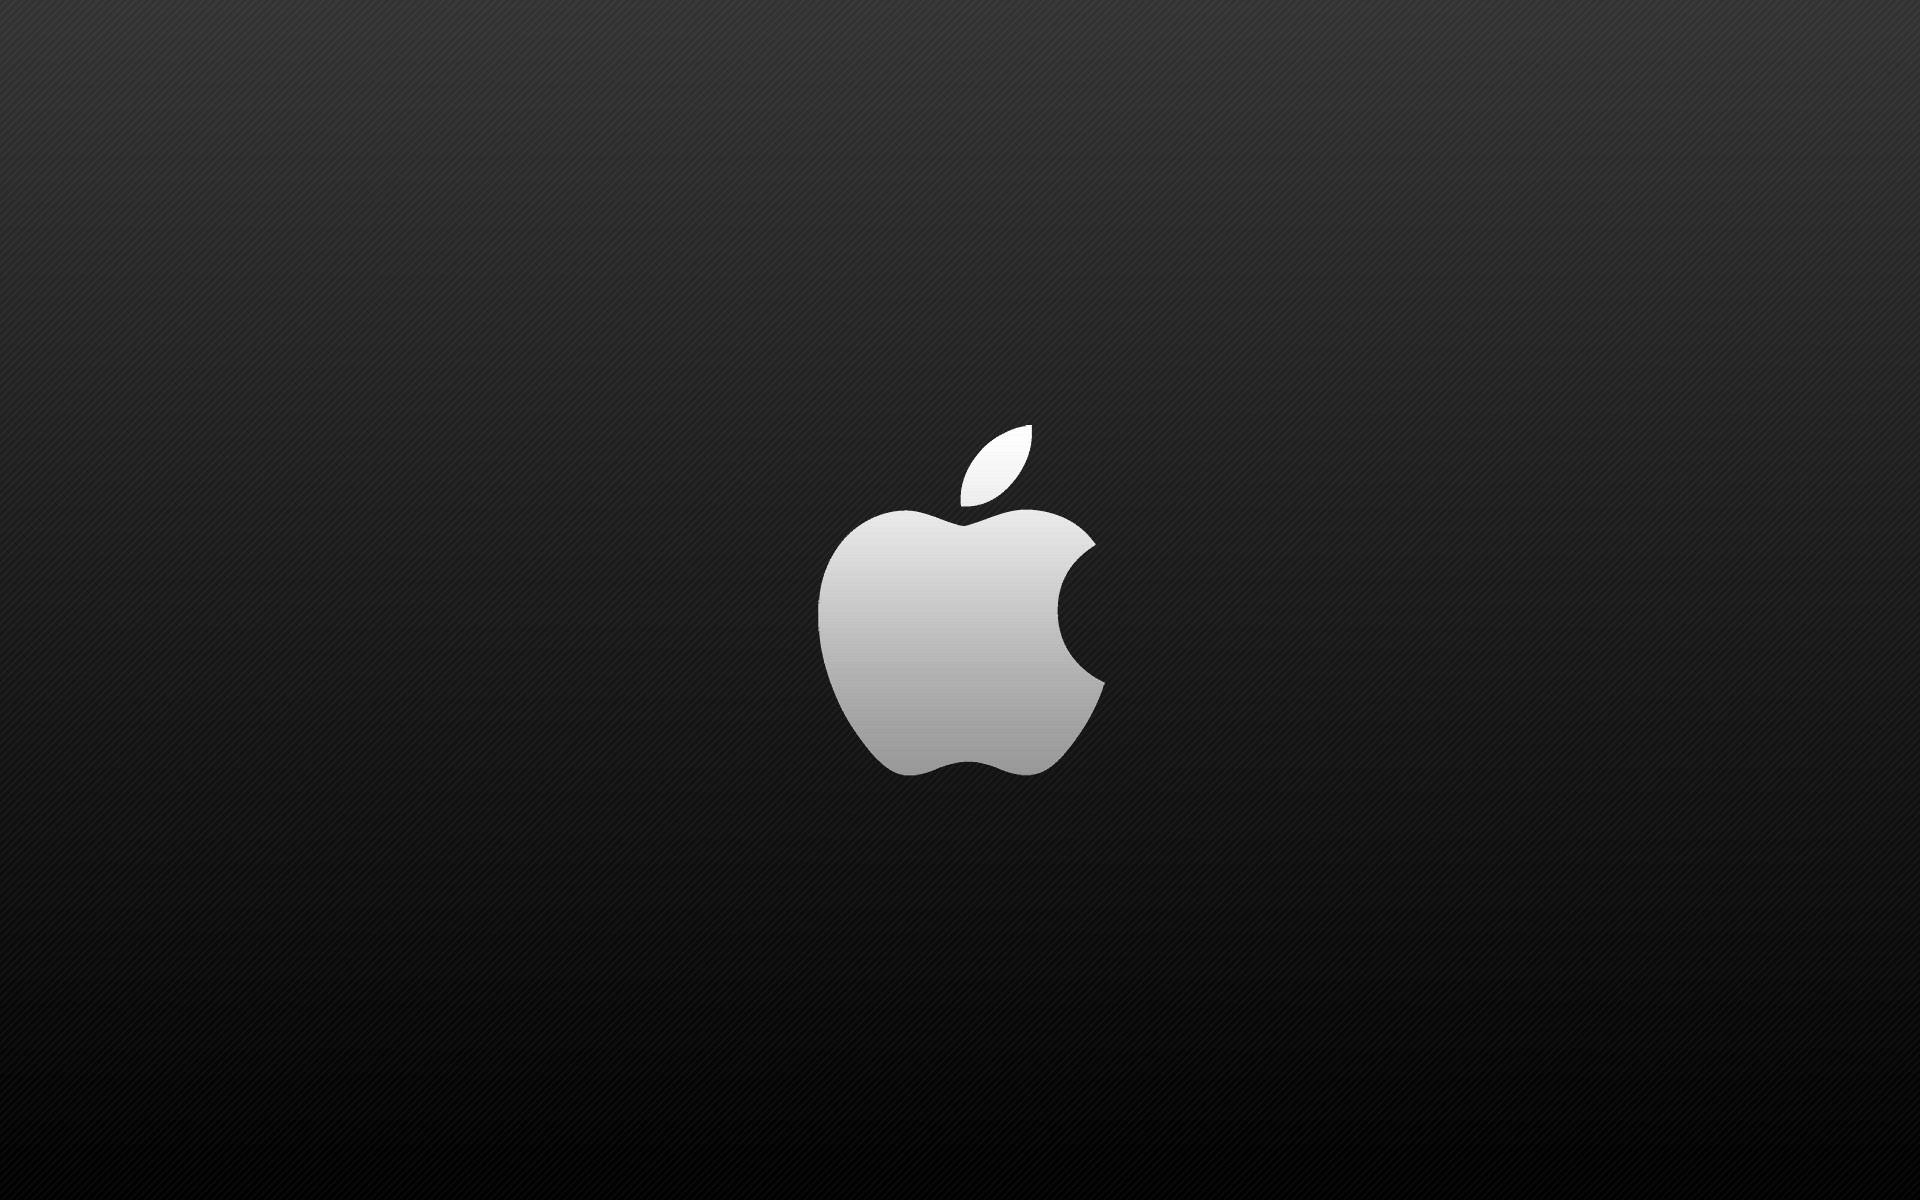 Logo de Apple fondo negro - 1920x1200